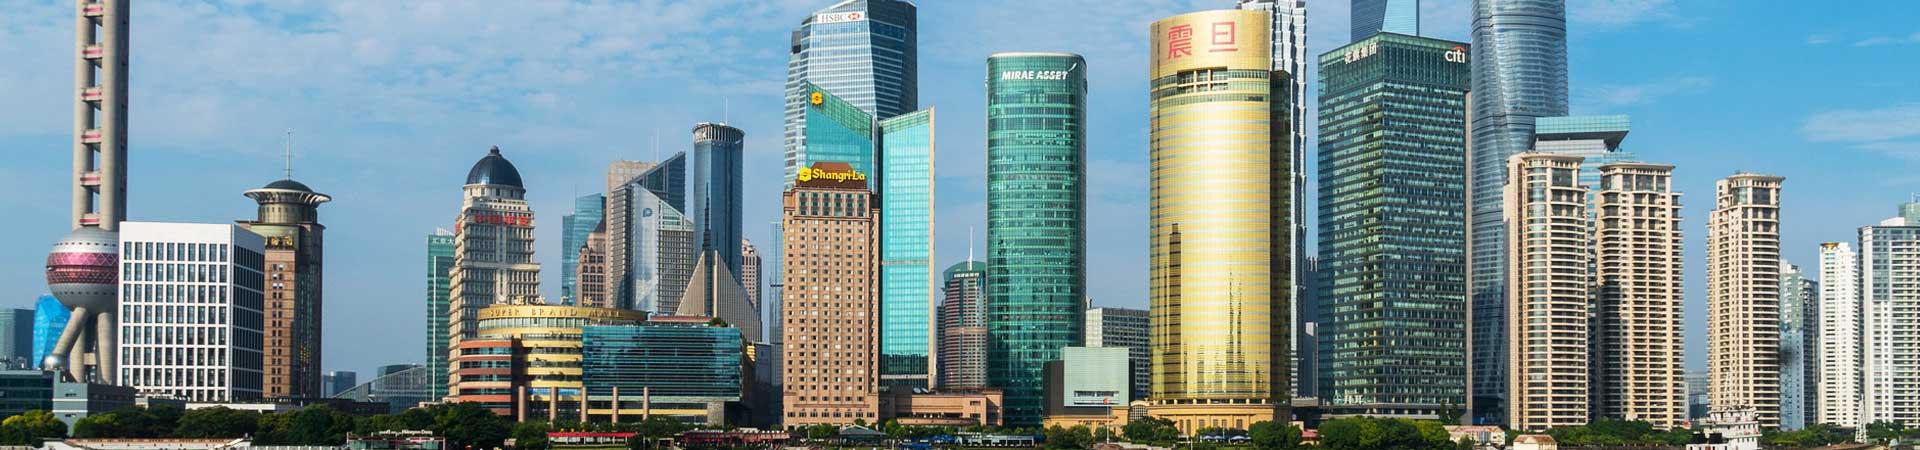 5D4N Shanghai, Suzhou & Hangzhou